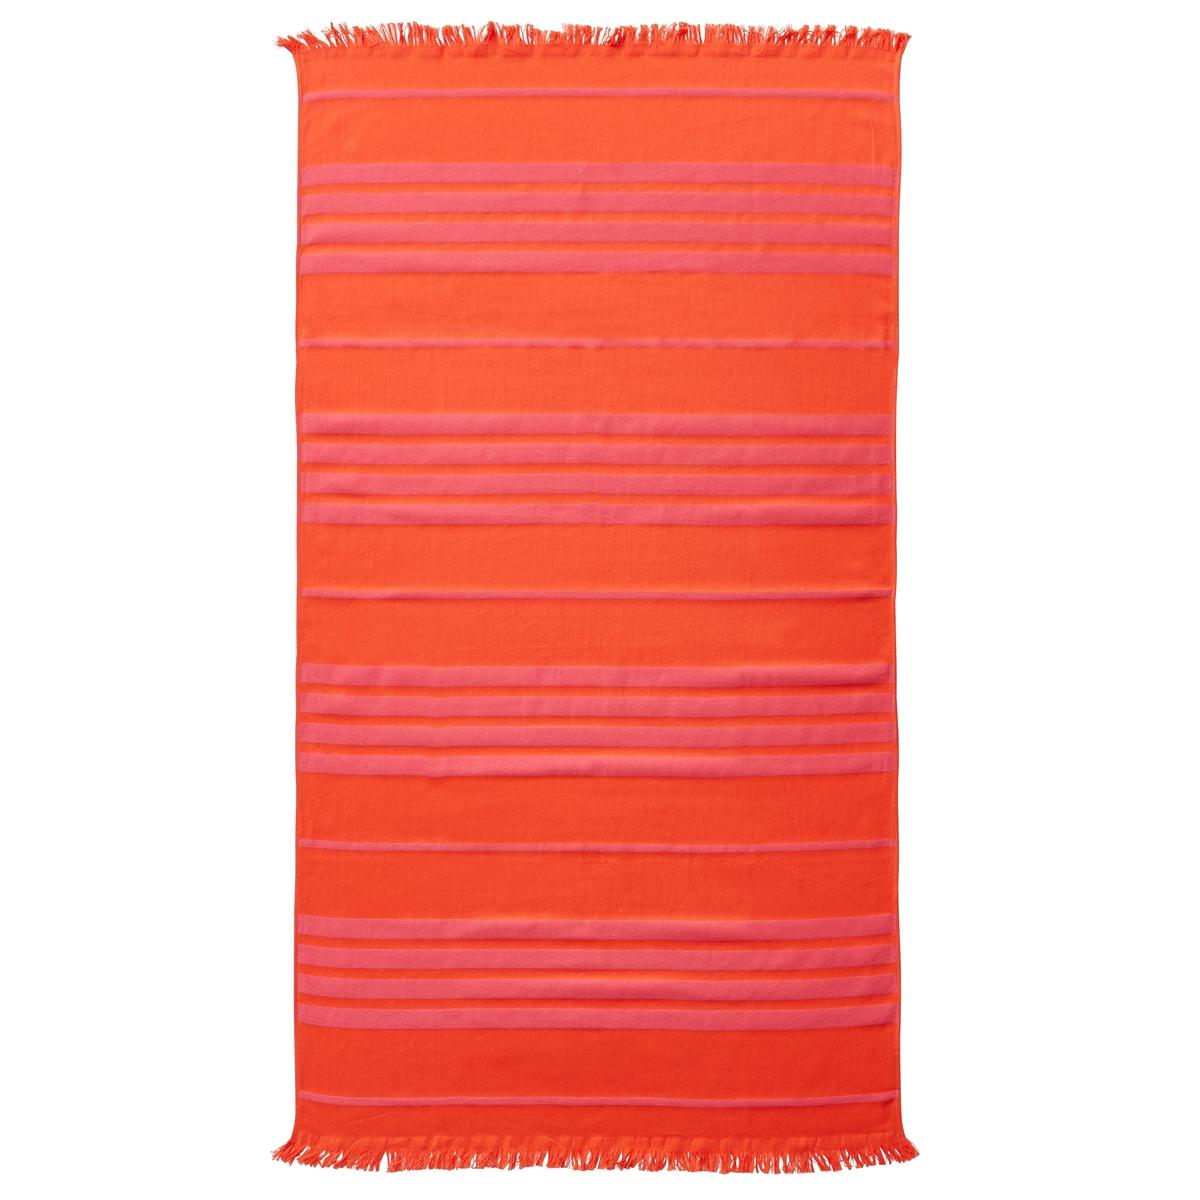 Полотенце пляжное PeppyОписание пляжного полотенца Peppy :Рисунок в полоску в тон, отделка бахромойХарактеристики пляжного полотенца Peppy :100% хлопок300 г/м?.Машинная стирка при 40 °С.Размеры пляжного полотенца Peppy :90 x 140 см<br><br>Цвет: бирюзовый,желтый,коралловый